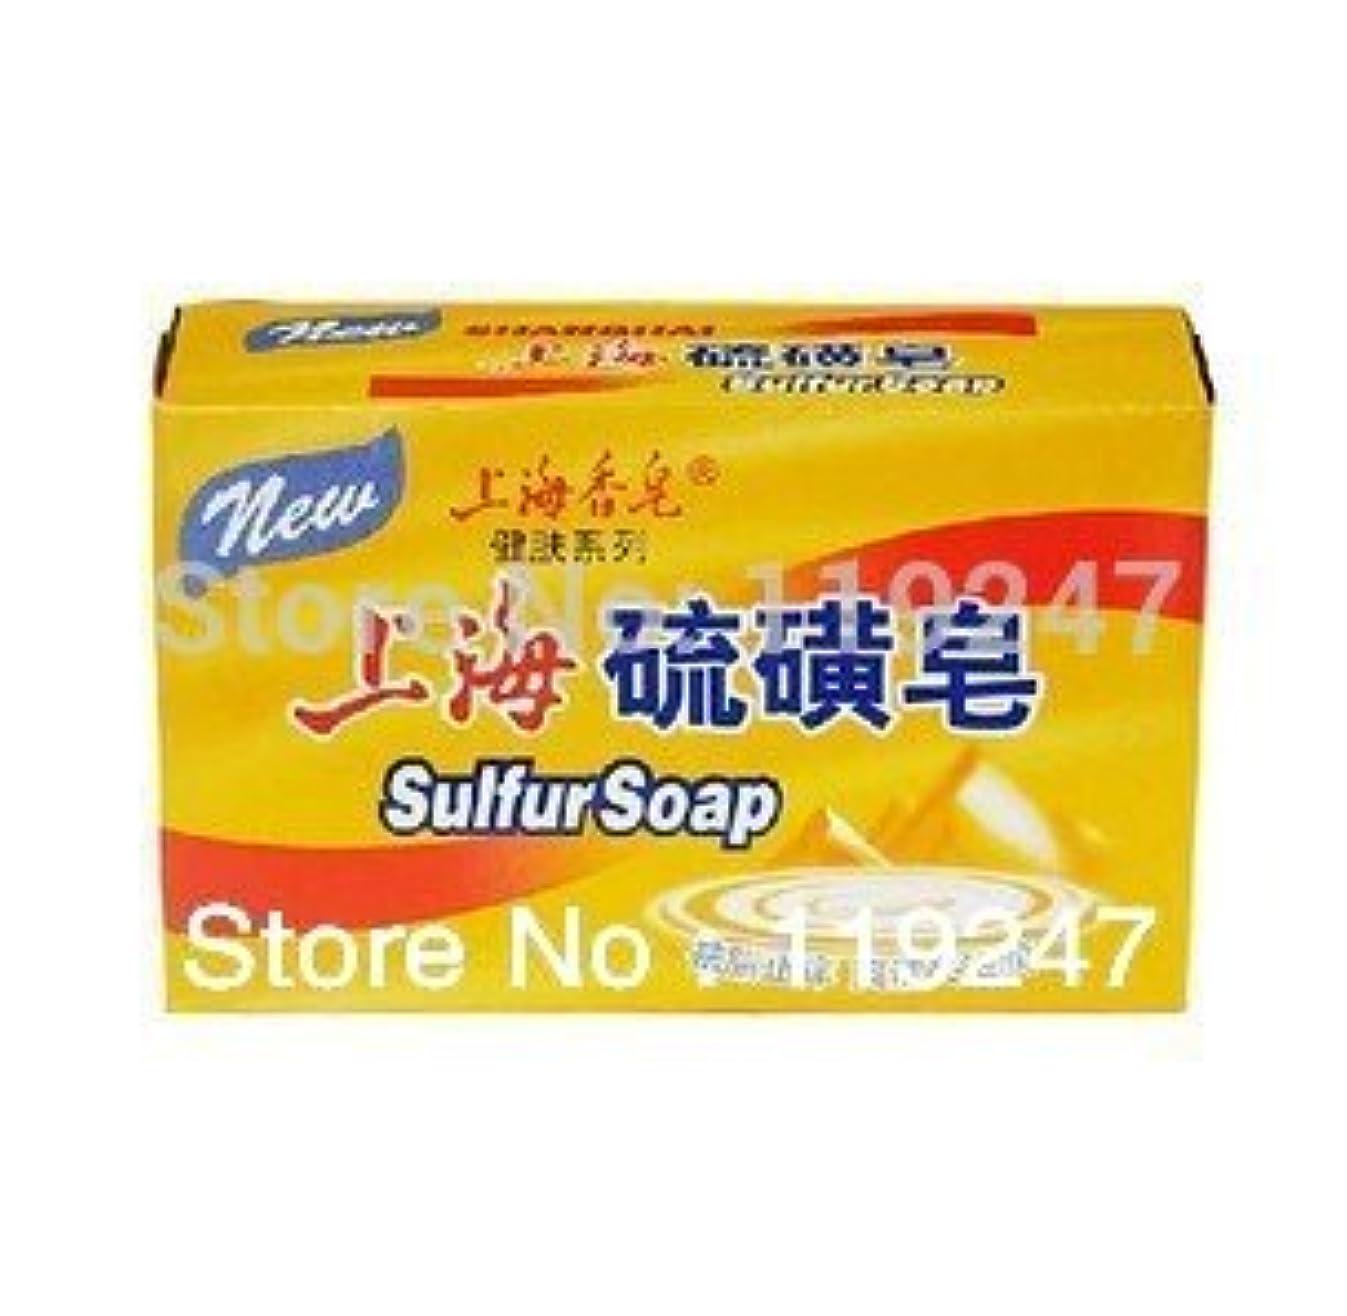 分布コミットメント呼び起こすLorny (TM) 上海硫黄石鹸アンチ菌ダニ、ストップかゆみ125グラム格安 [並行輸入品]